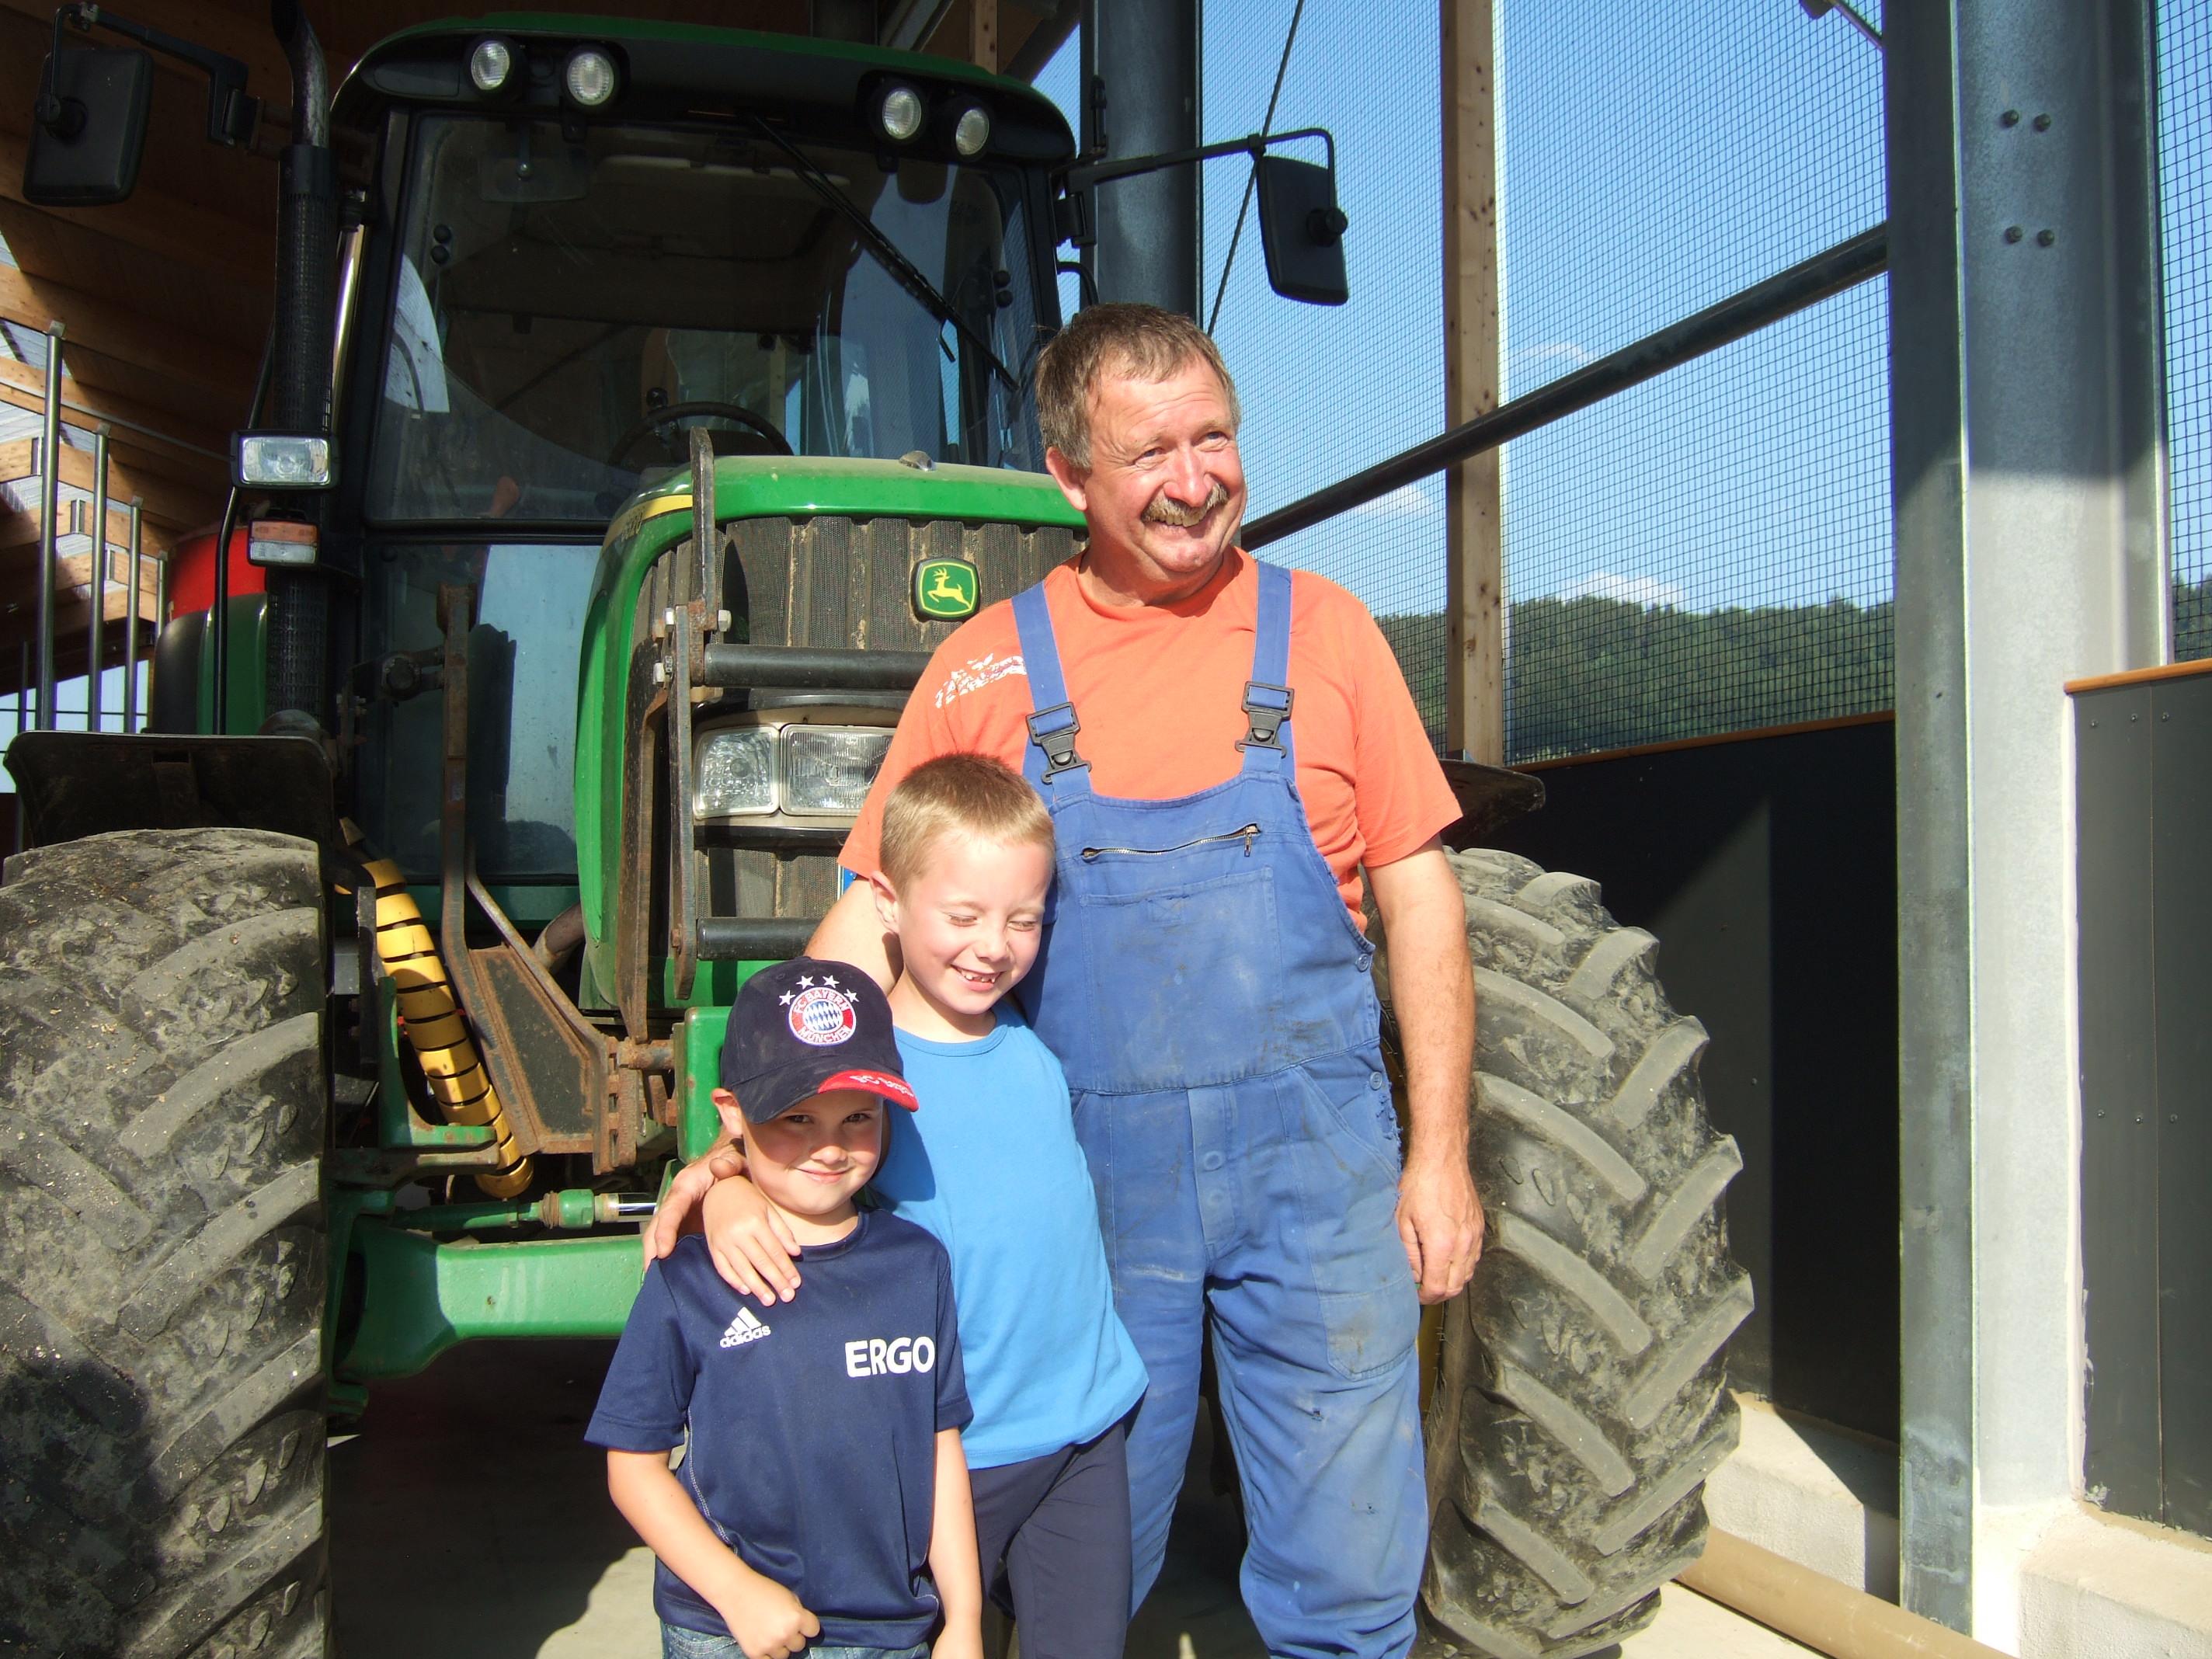 Jeden Tag können kleine und große Gäste mit dem Bauern beim Füttern der Tiere am Traktor mitfahren